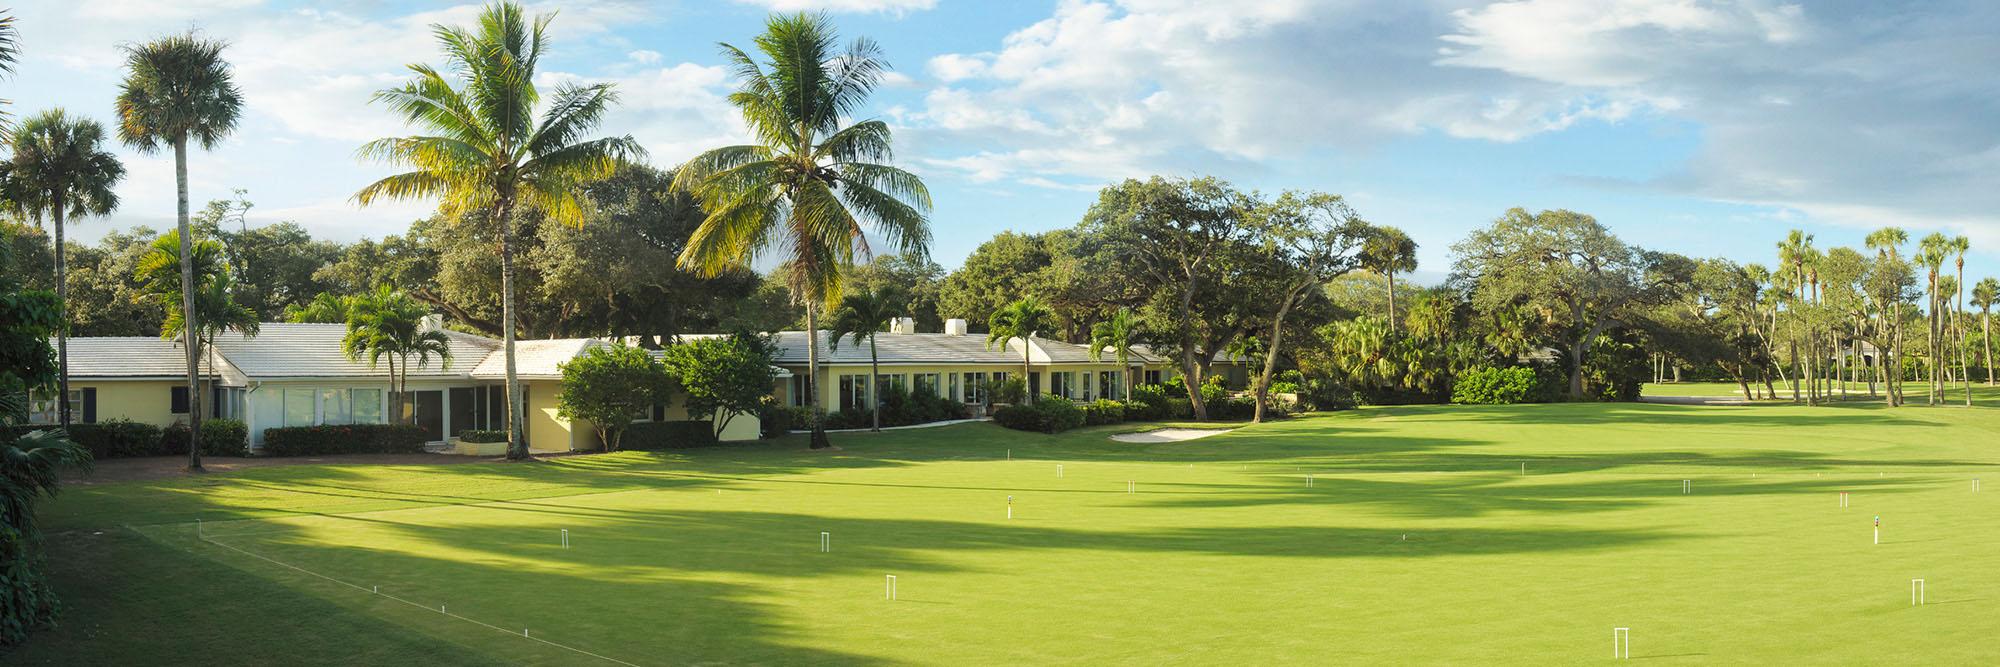 Golf Course Image - Riomar Croquet Course